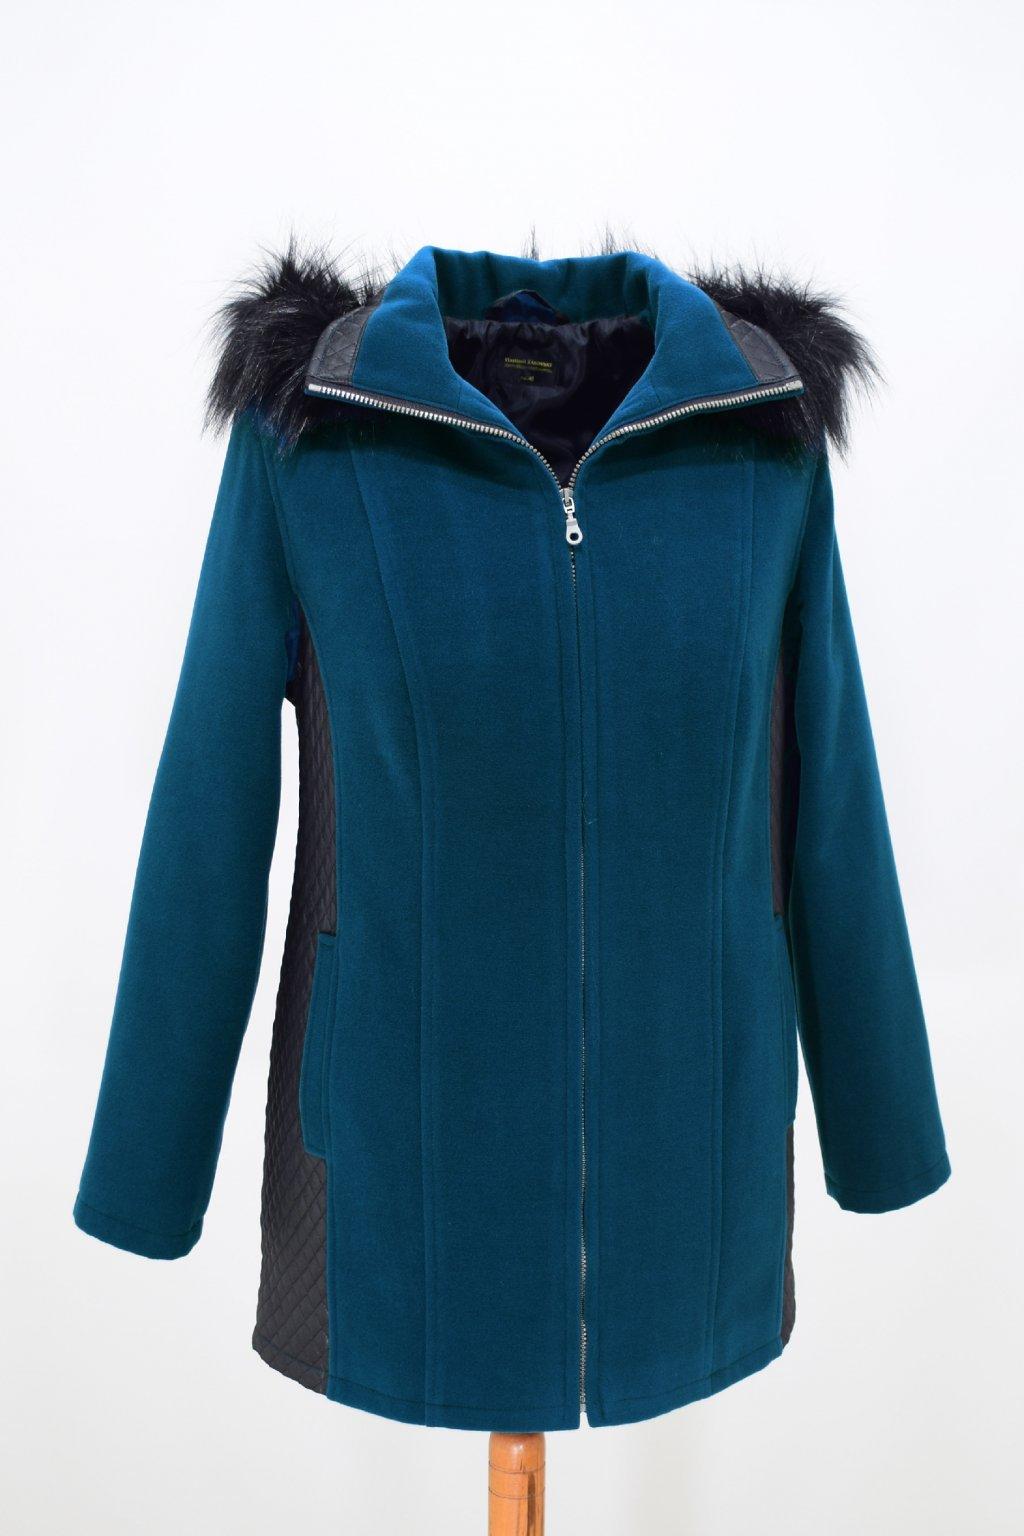 Dámský petrolový zimní kabátek Frída nadměrné velikosti.